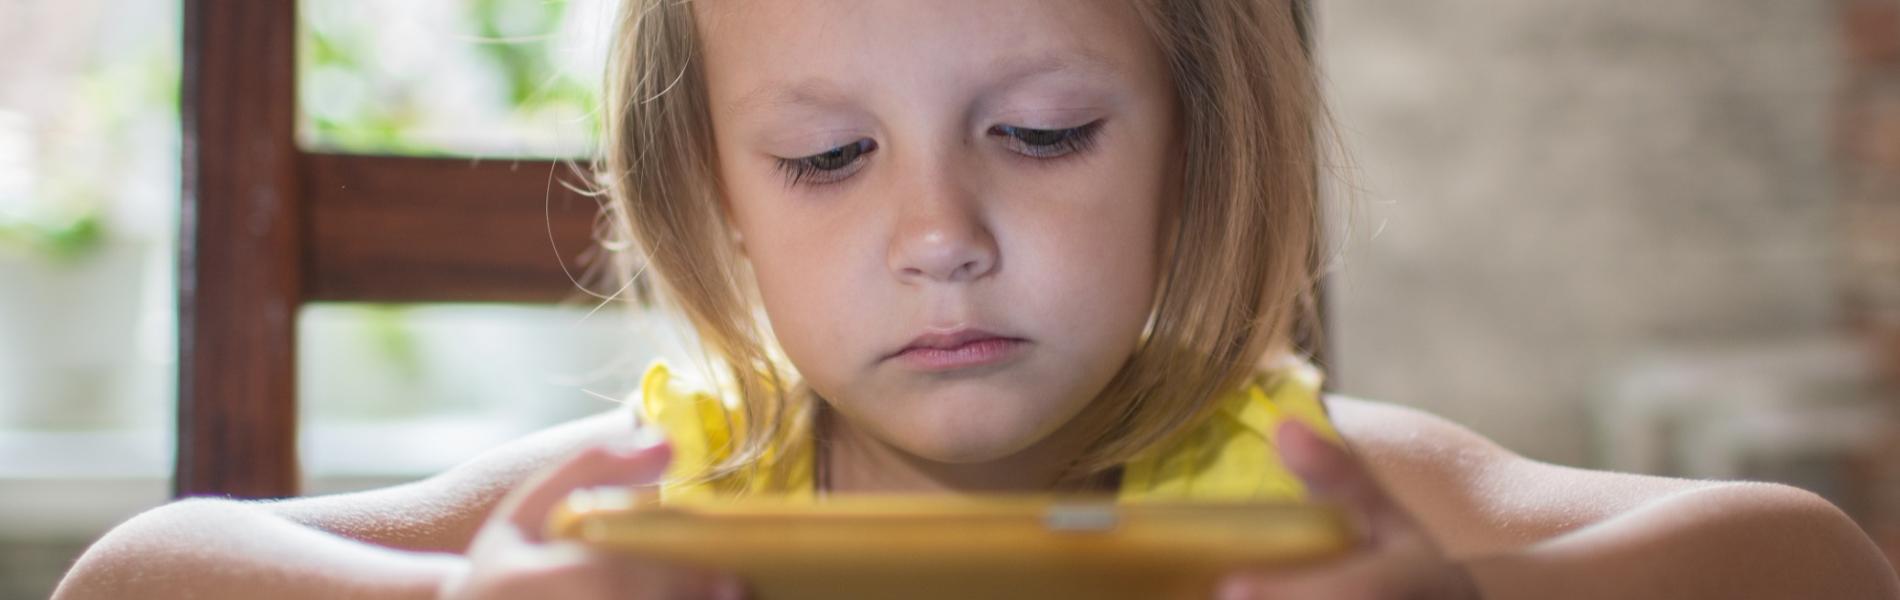 באיזה גיל ילדים מקבלים את הסמארטפון הראשון שלהם?